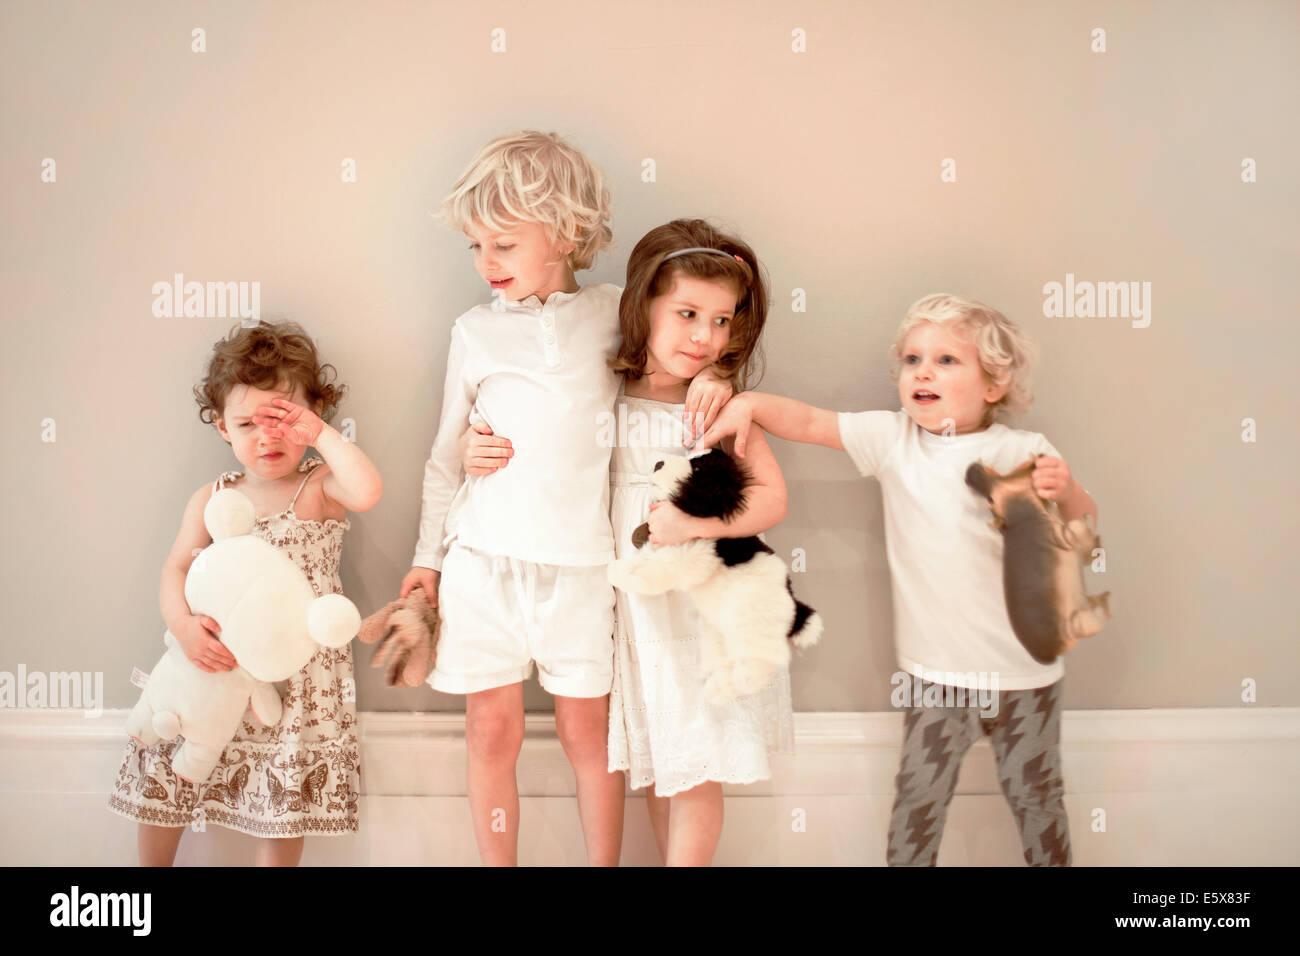 Retrato de cuatro niños en una fila, uno llanto Imagen De Stock